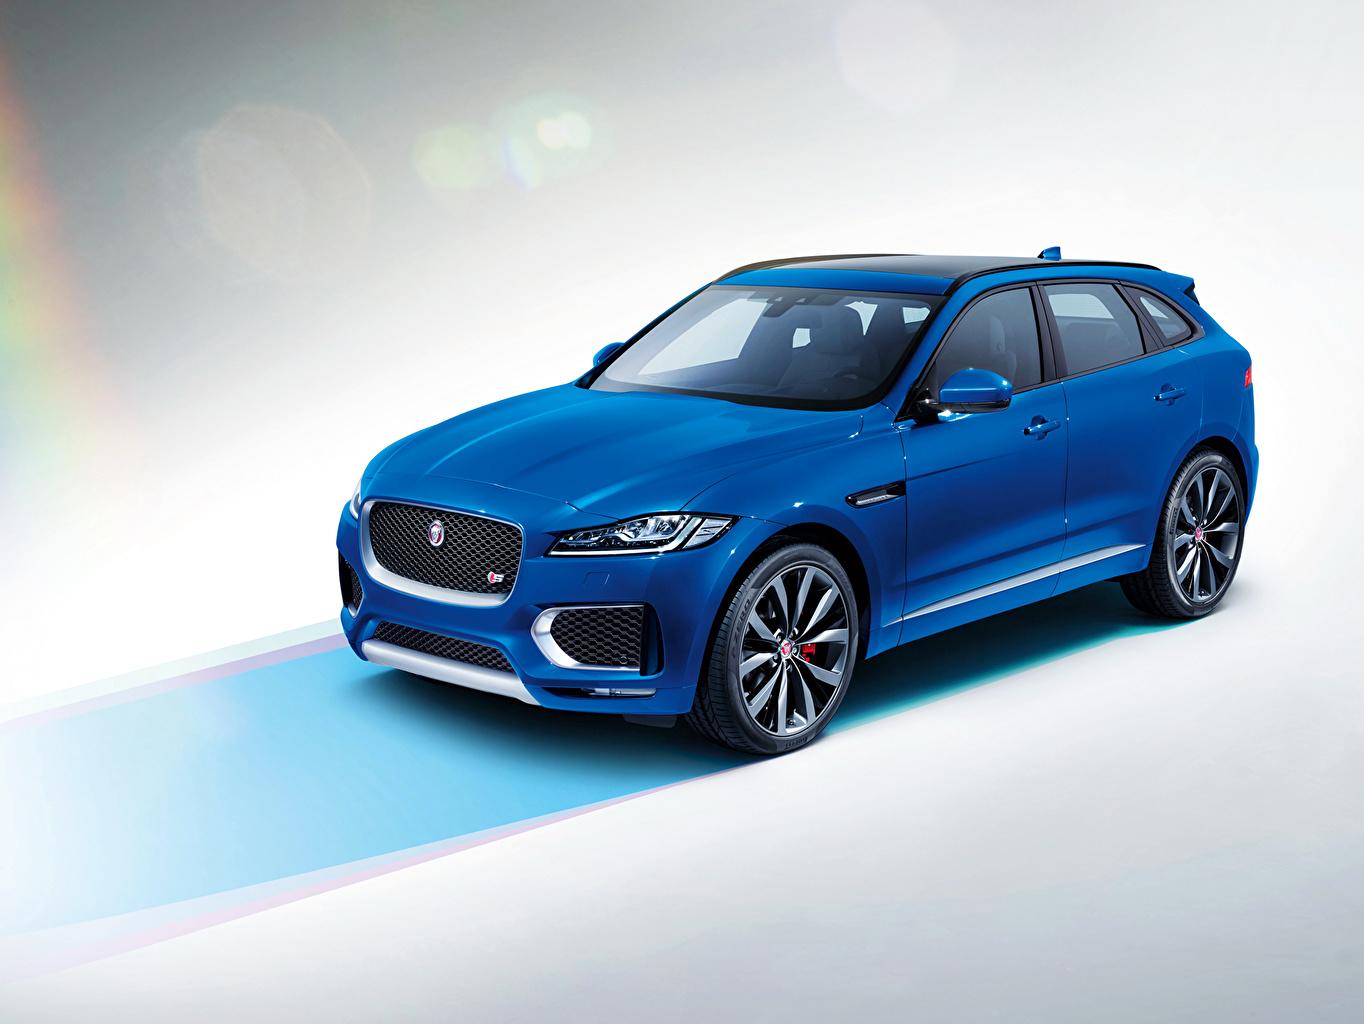 Wallpaper 2015 Jaguar F-Pace LE S Blue automobile Cars auto